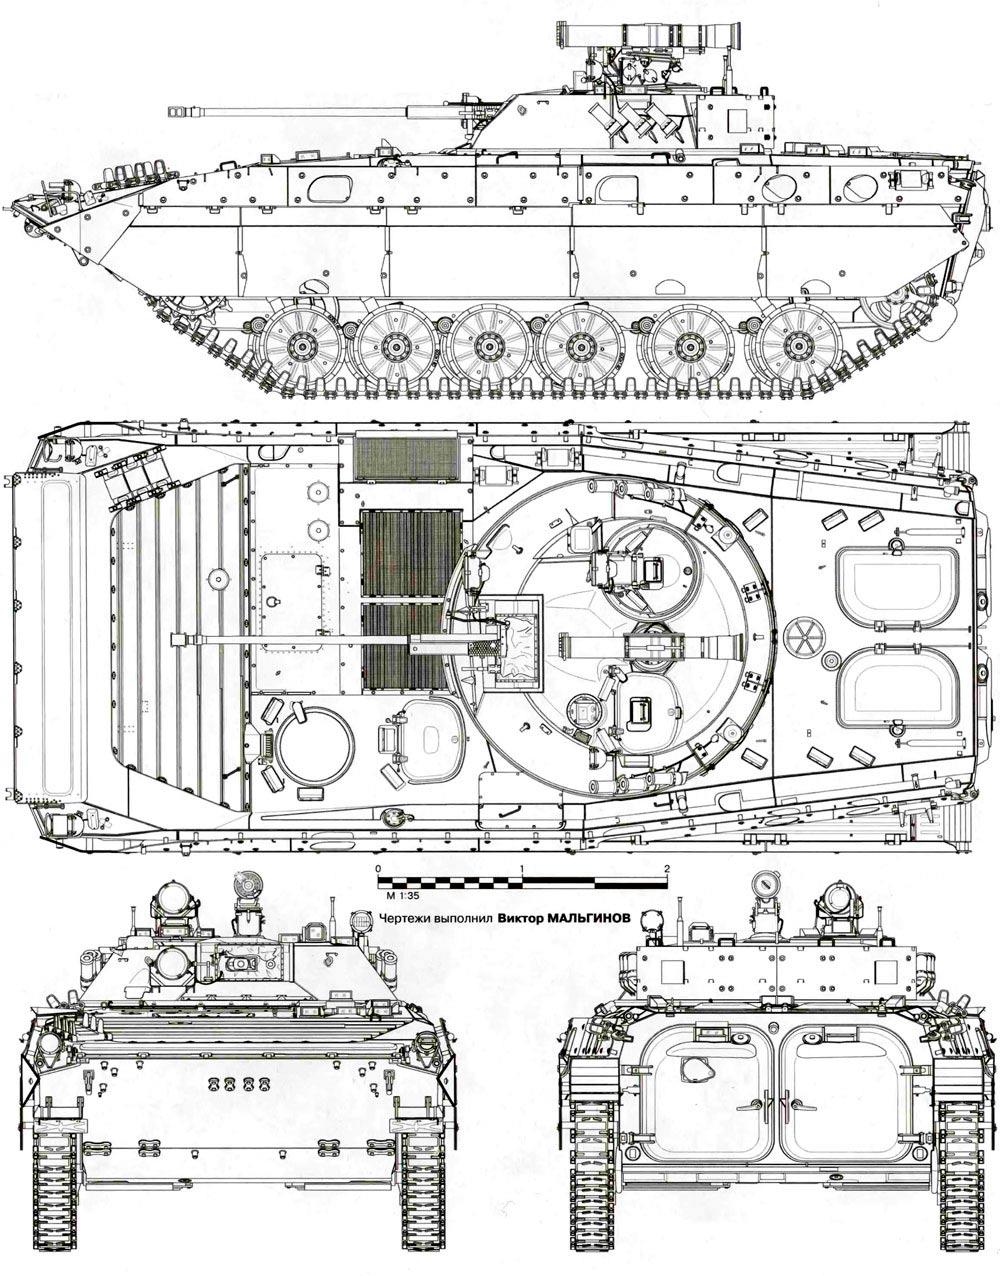 Чертеж боевой машины пехоты - 2 (бмп-2)